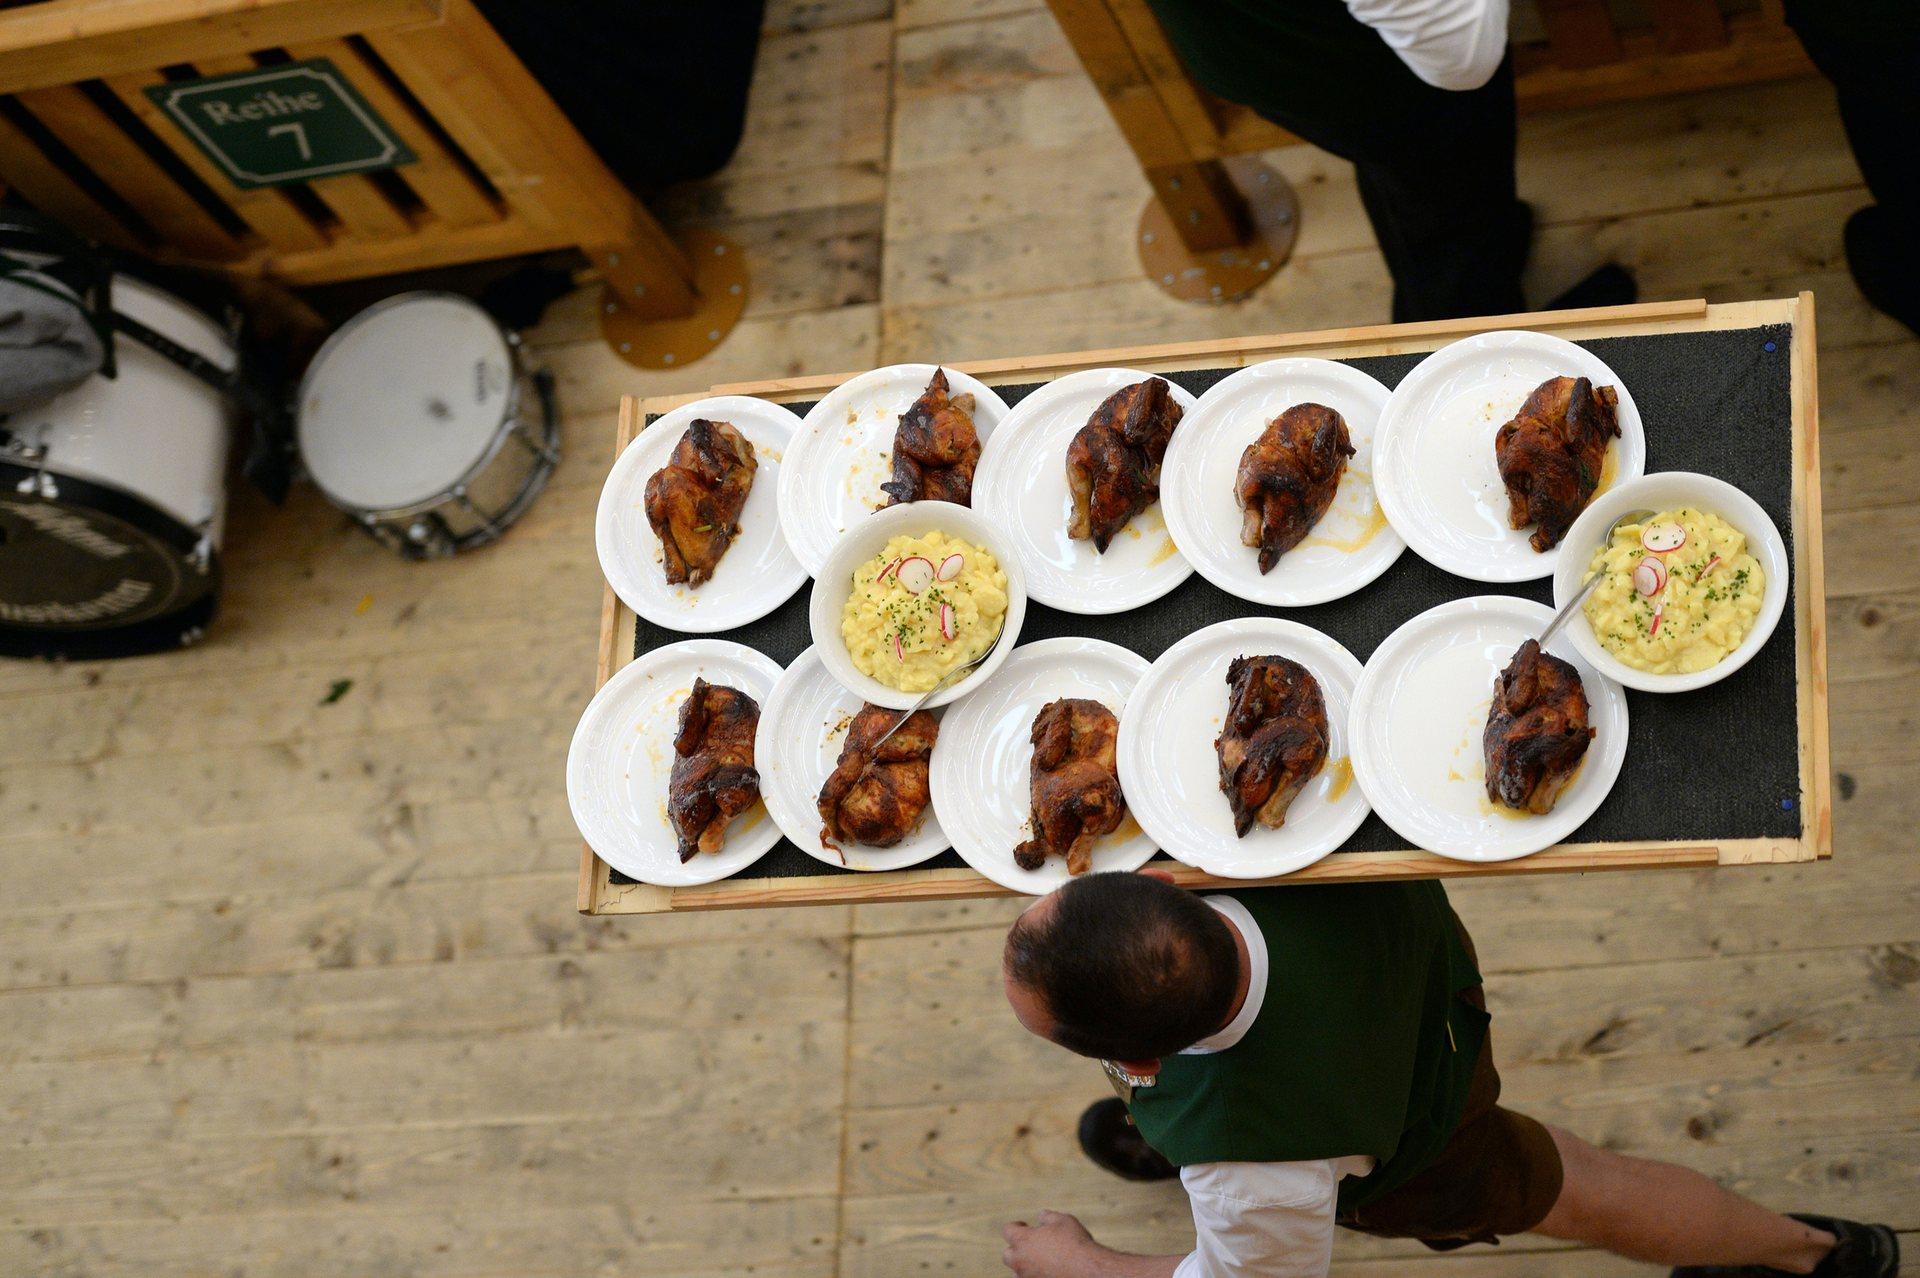 Официанты носят огромные подносы с курицей и картошкой в каждом из 34 тентов, в которых проходит «Октоберфест». Фото: Picture-Alliance/Barcroft Images